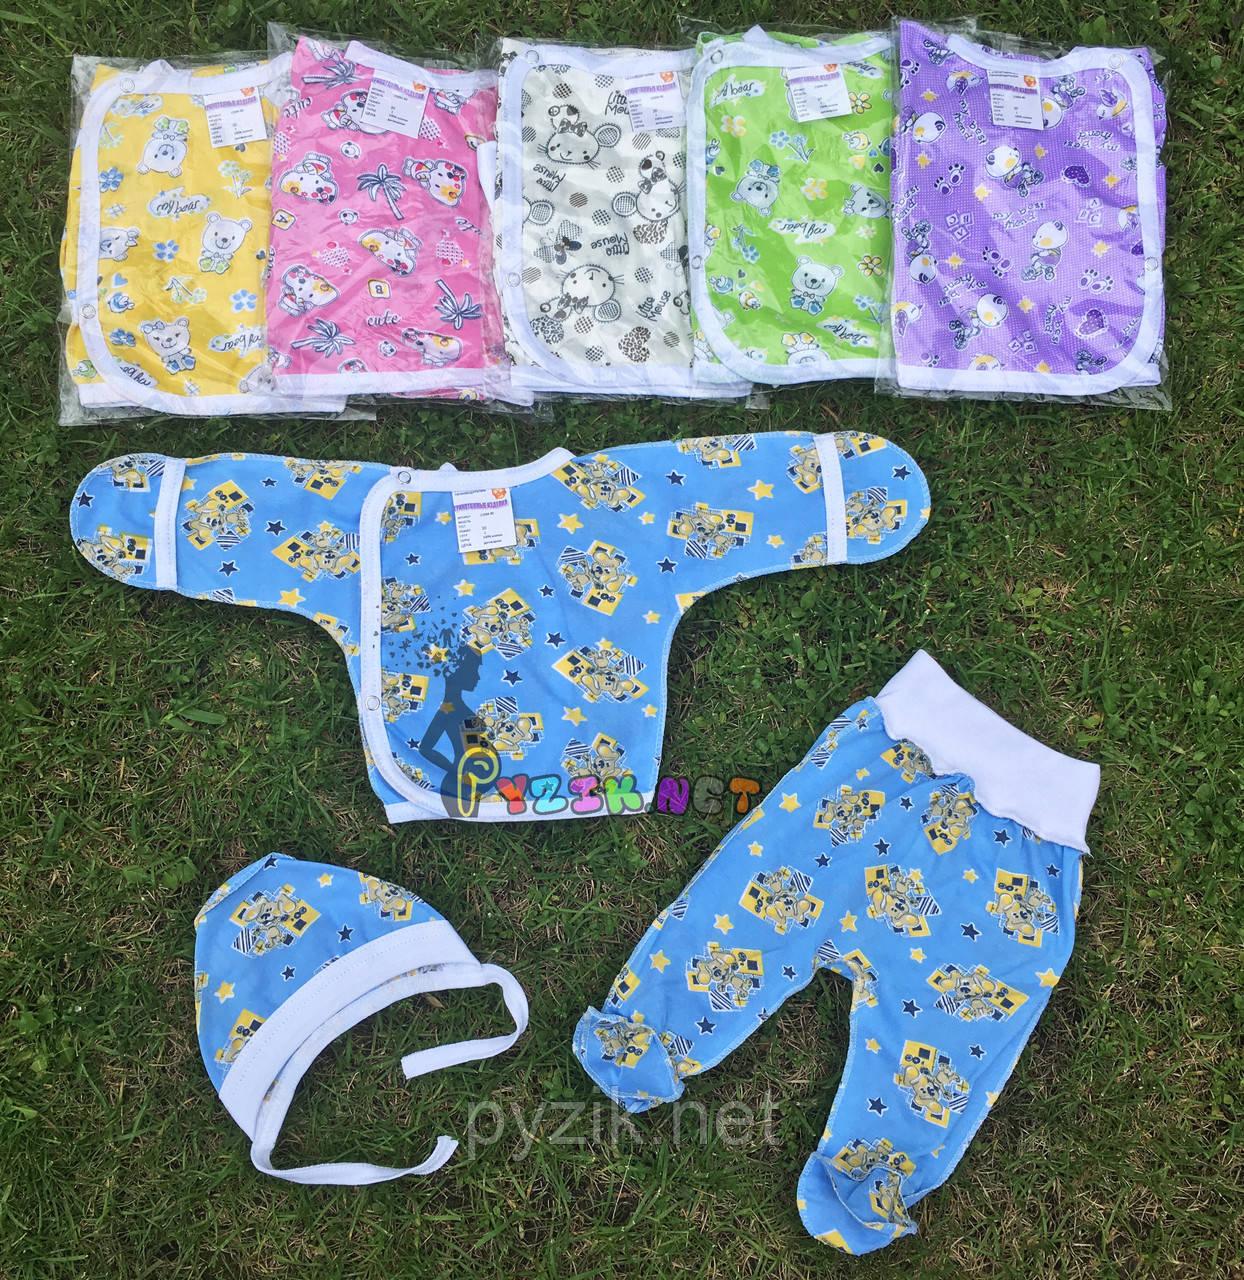 Комплект для новорожденного кулир (распашонка+ползунки+шапочка) 56-62 р-р, голубой